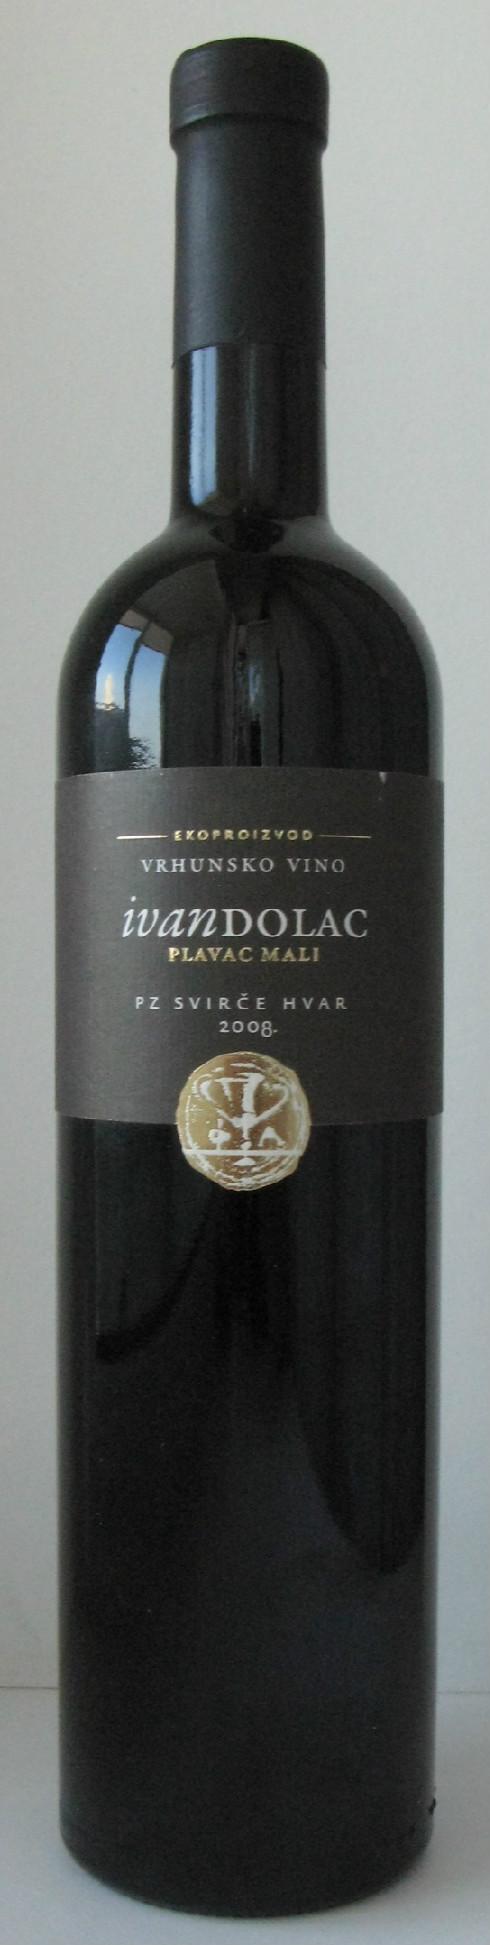 ivan-dolac-plavac-mali-2008